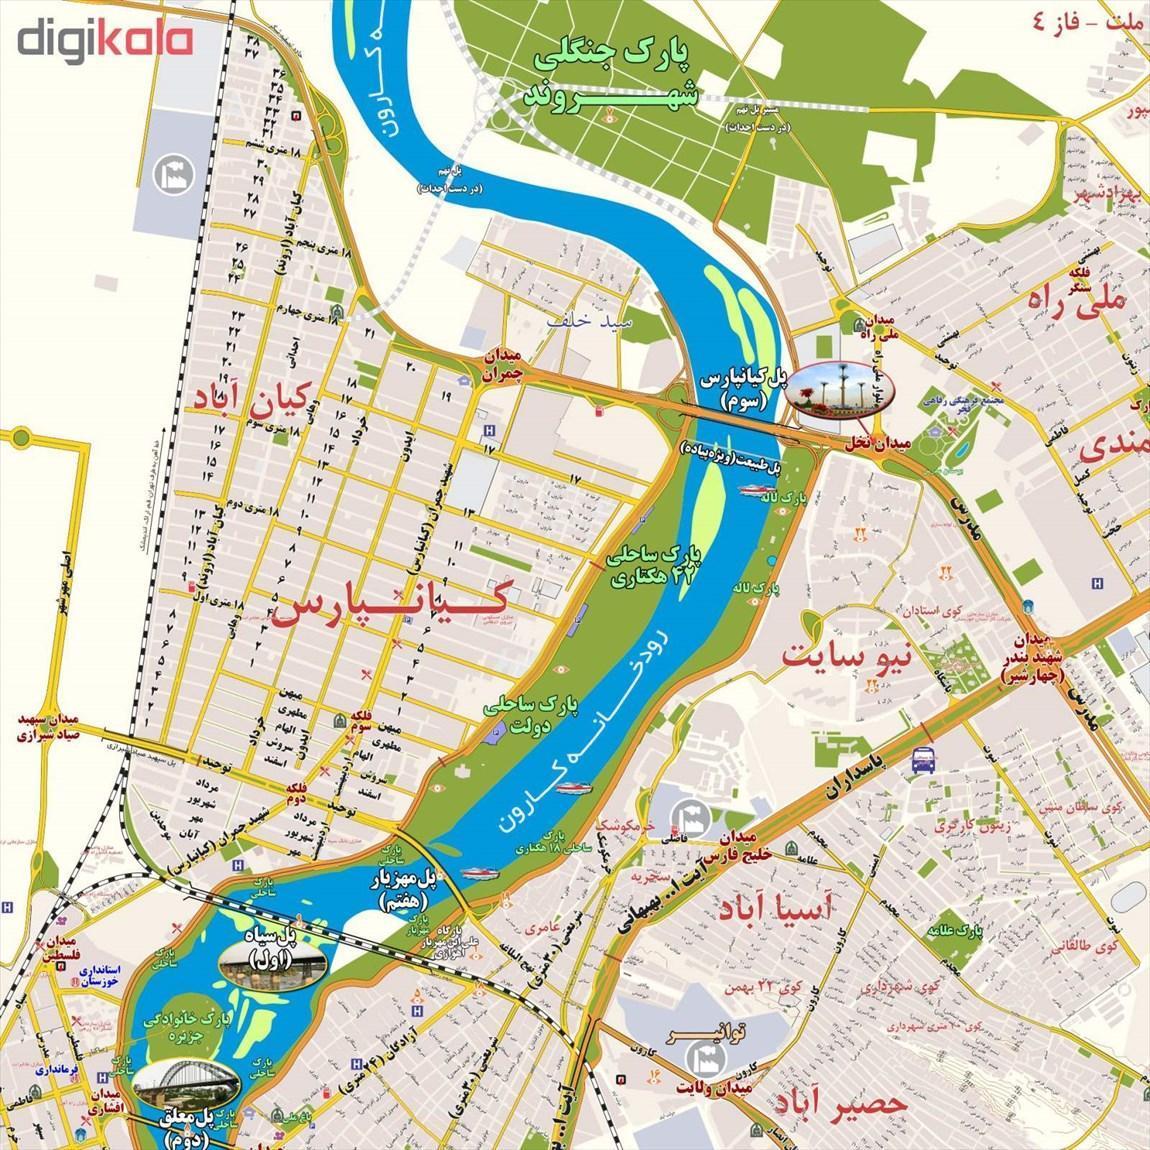 تاریخچه و نقشه جامع شهر اهواز در ویکی خبرنگاران